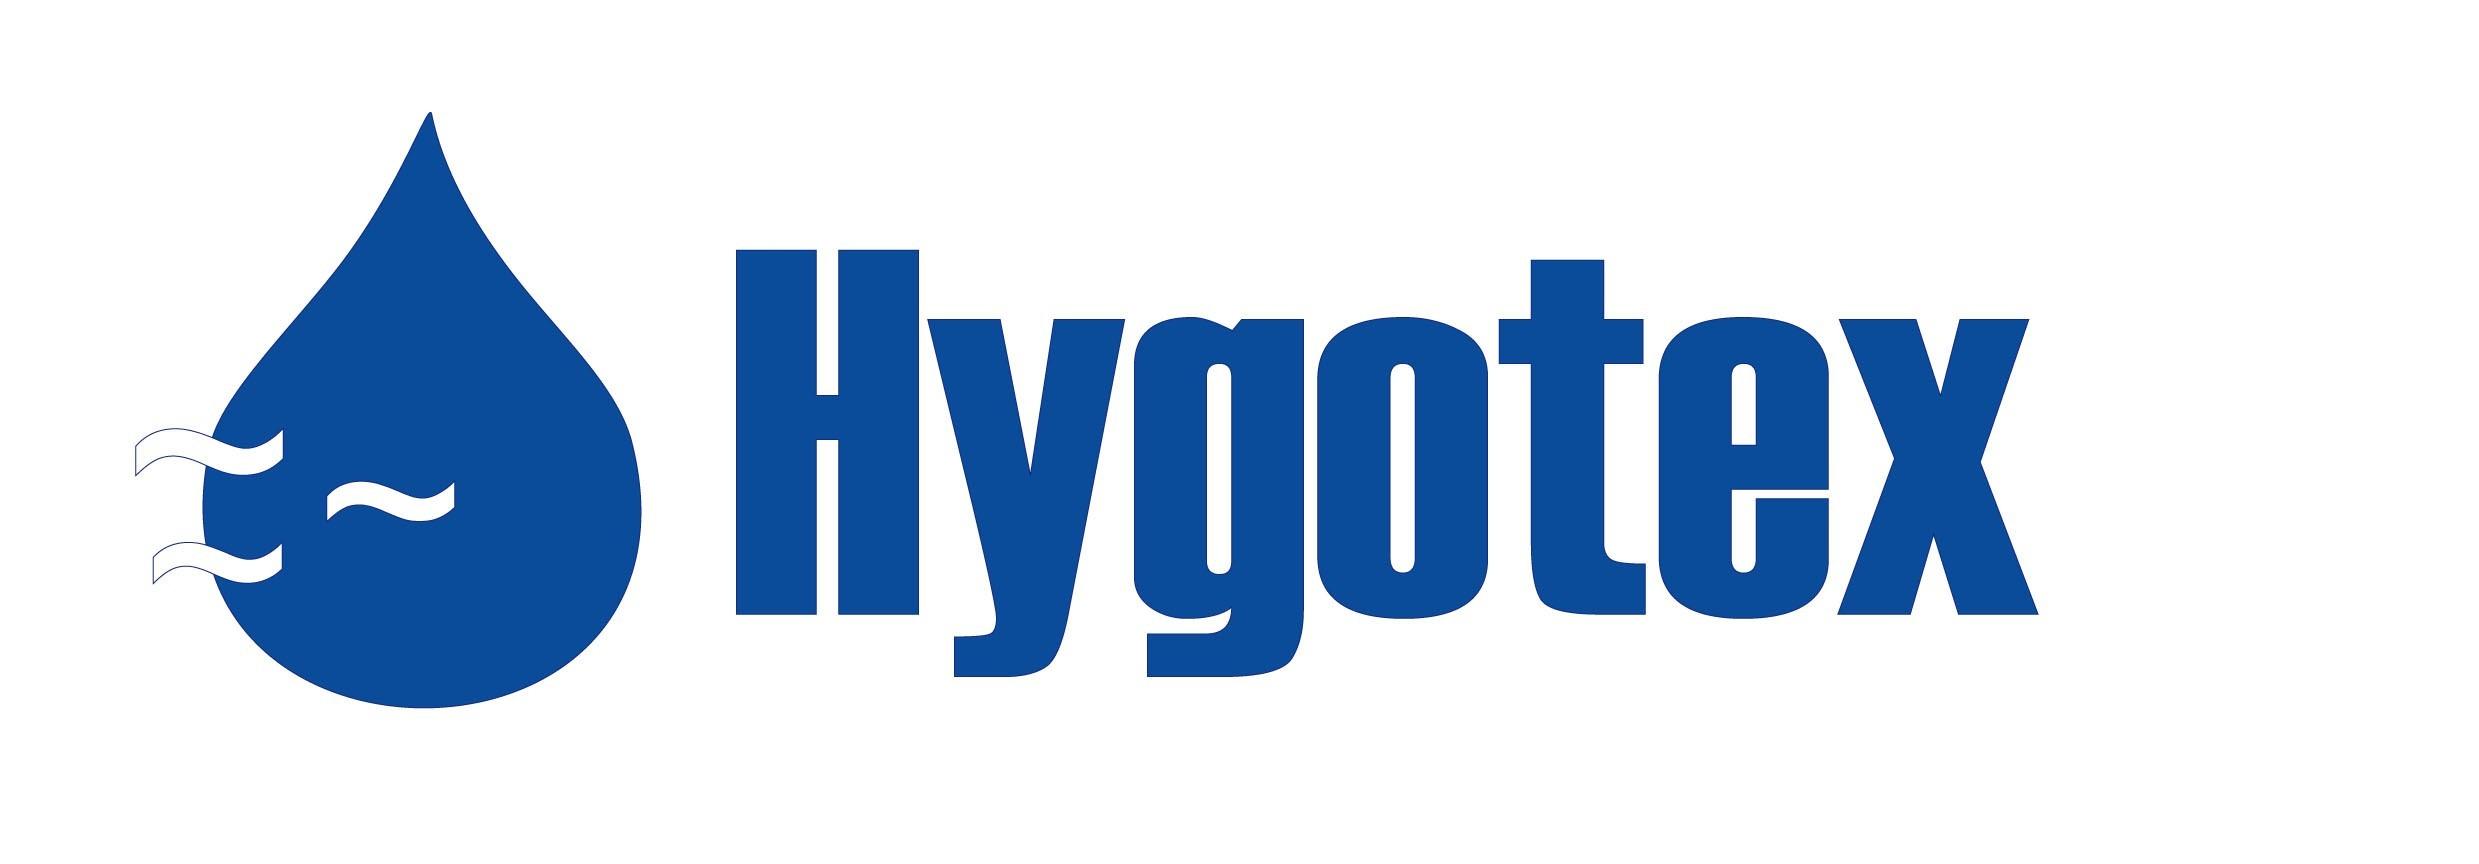 HYGOTEX